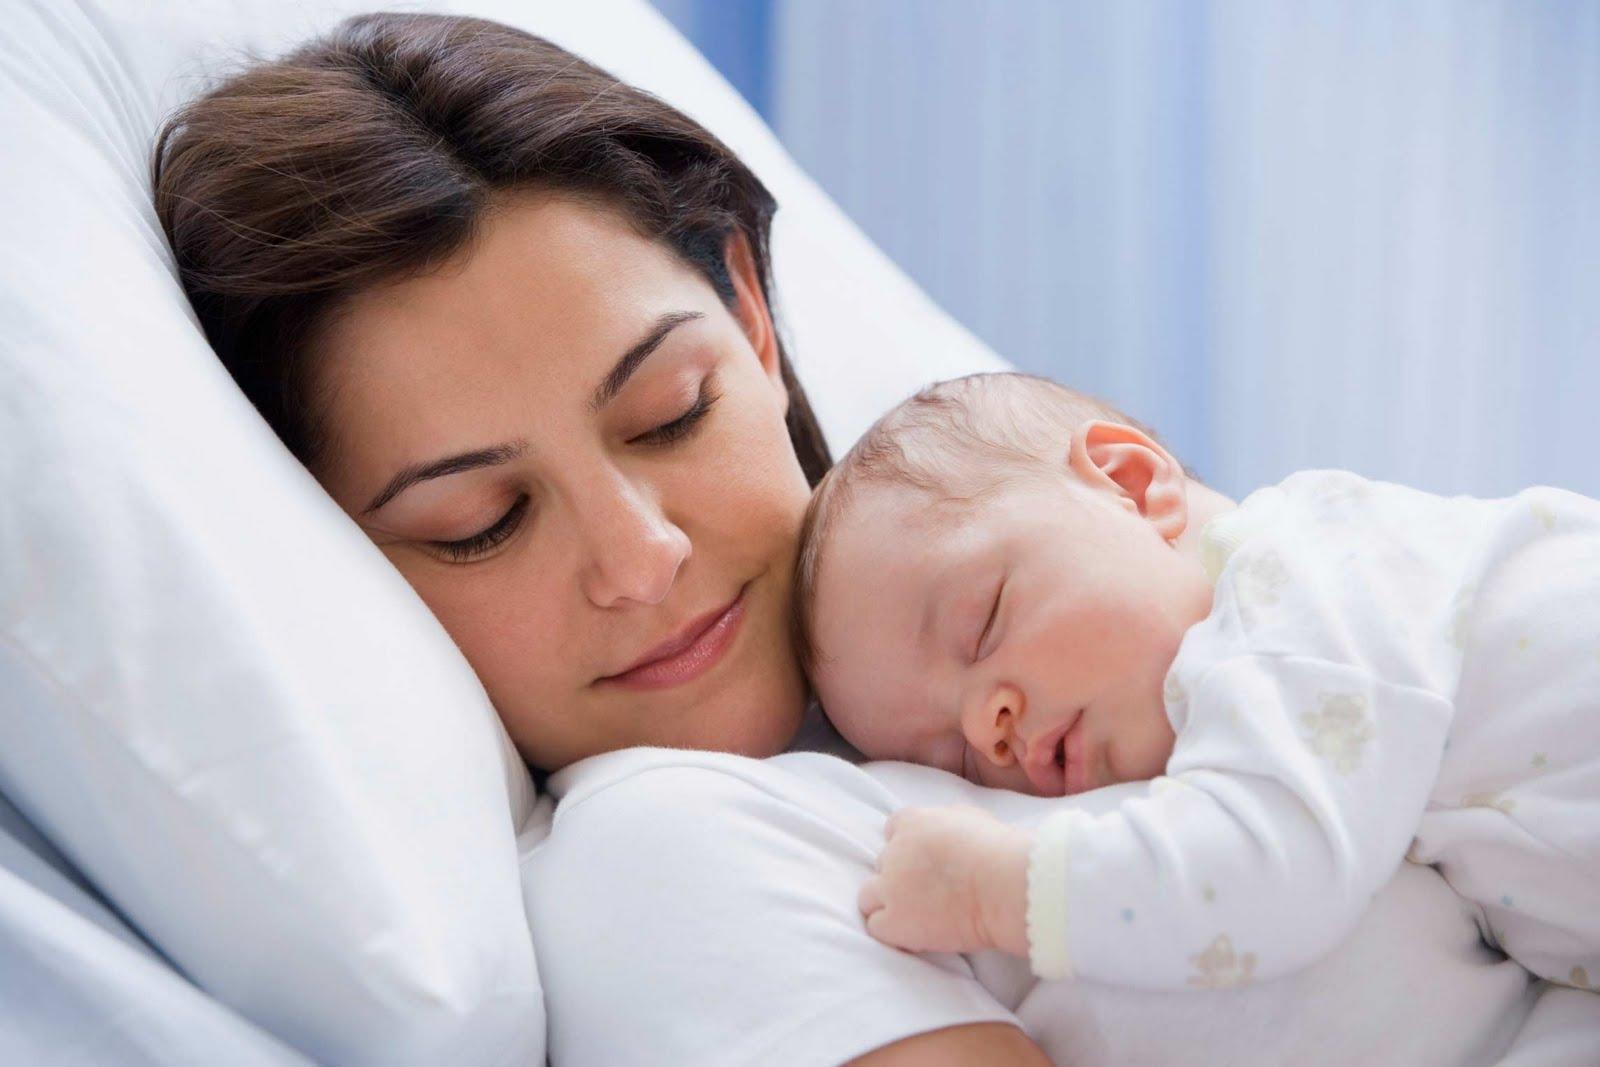 Сон малыша: особенности, режим, советы